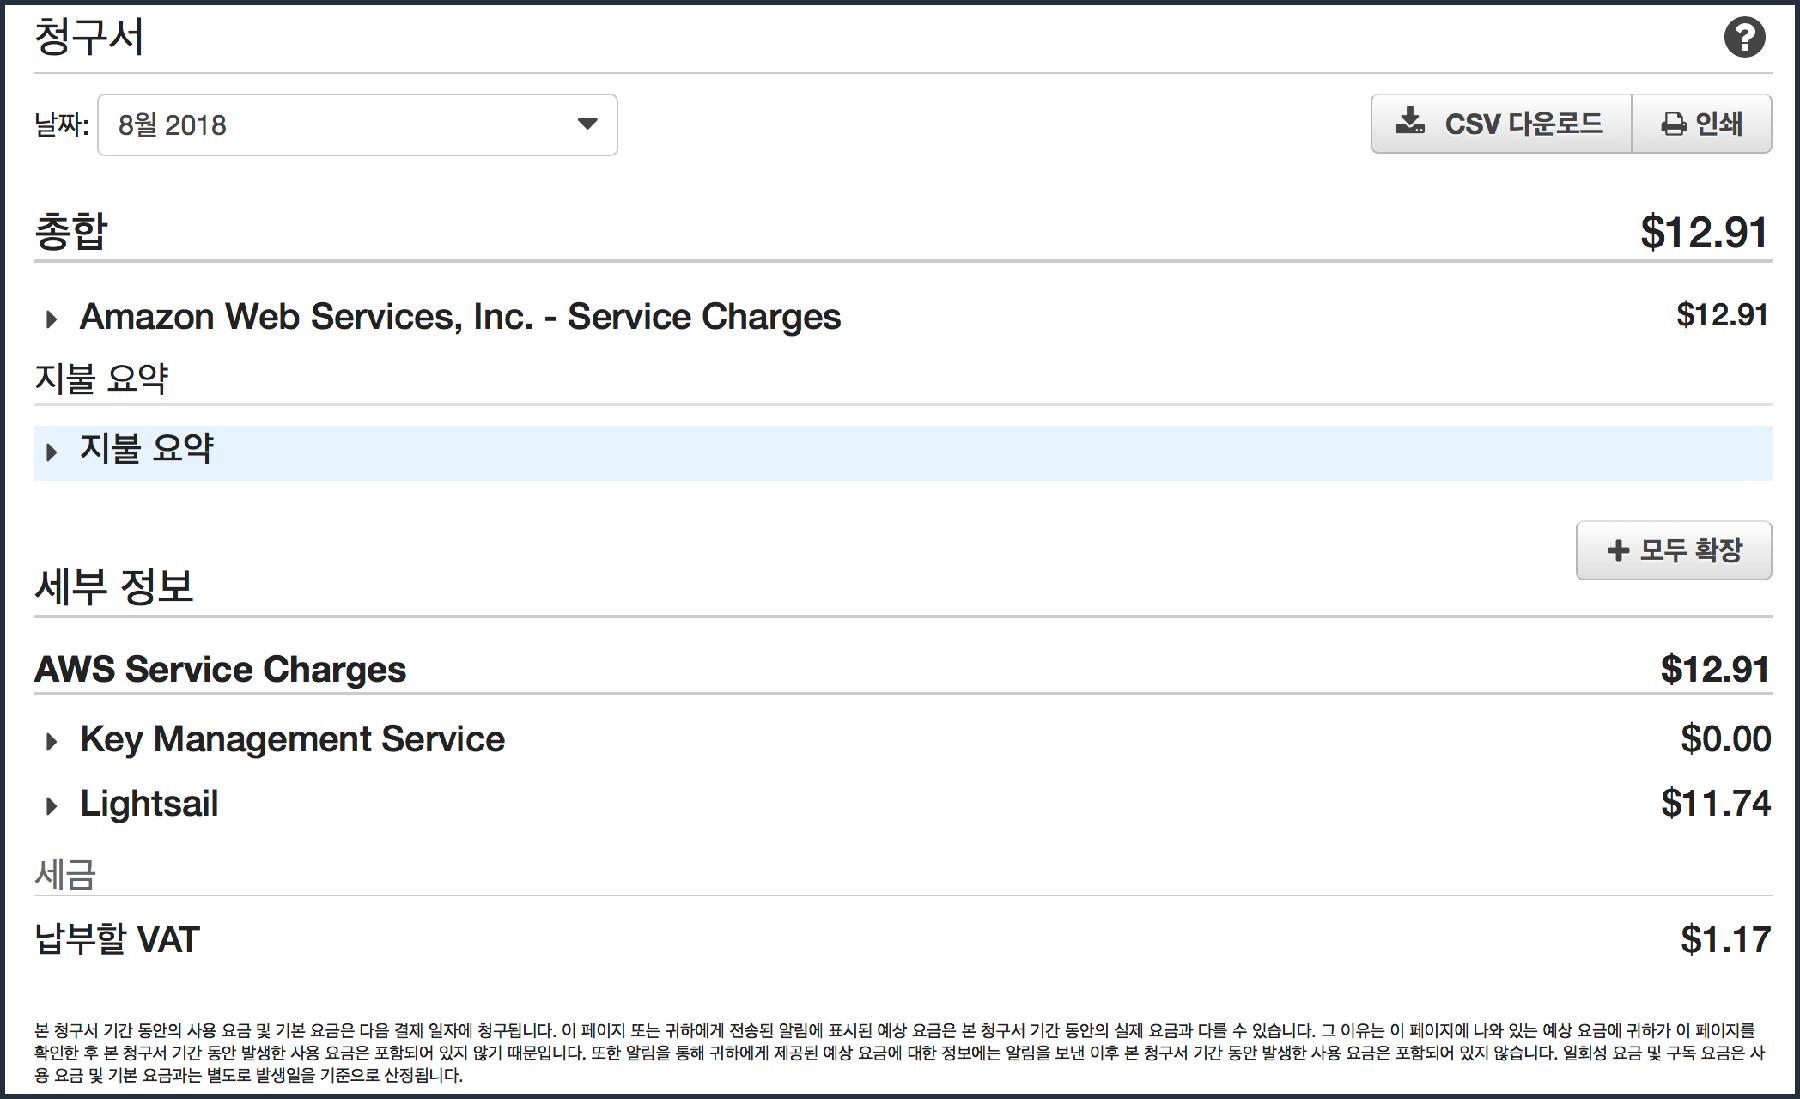 총합 항목과 세부정보에 이용 서비스별 청구된 요금이 표시됨